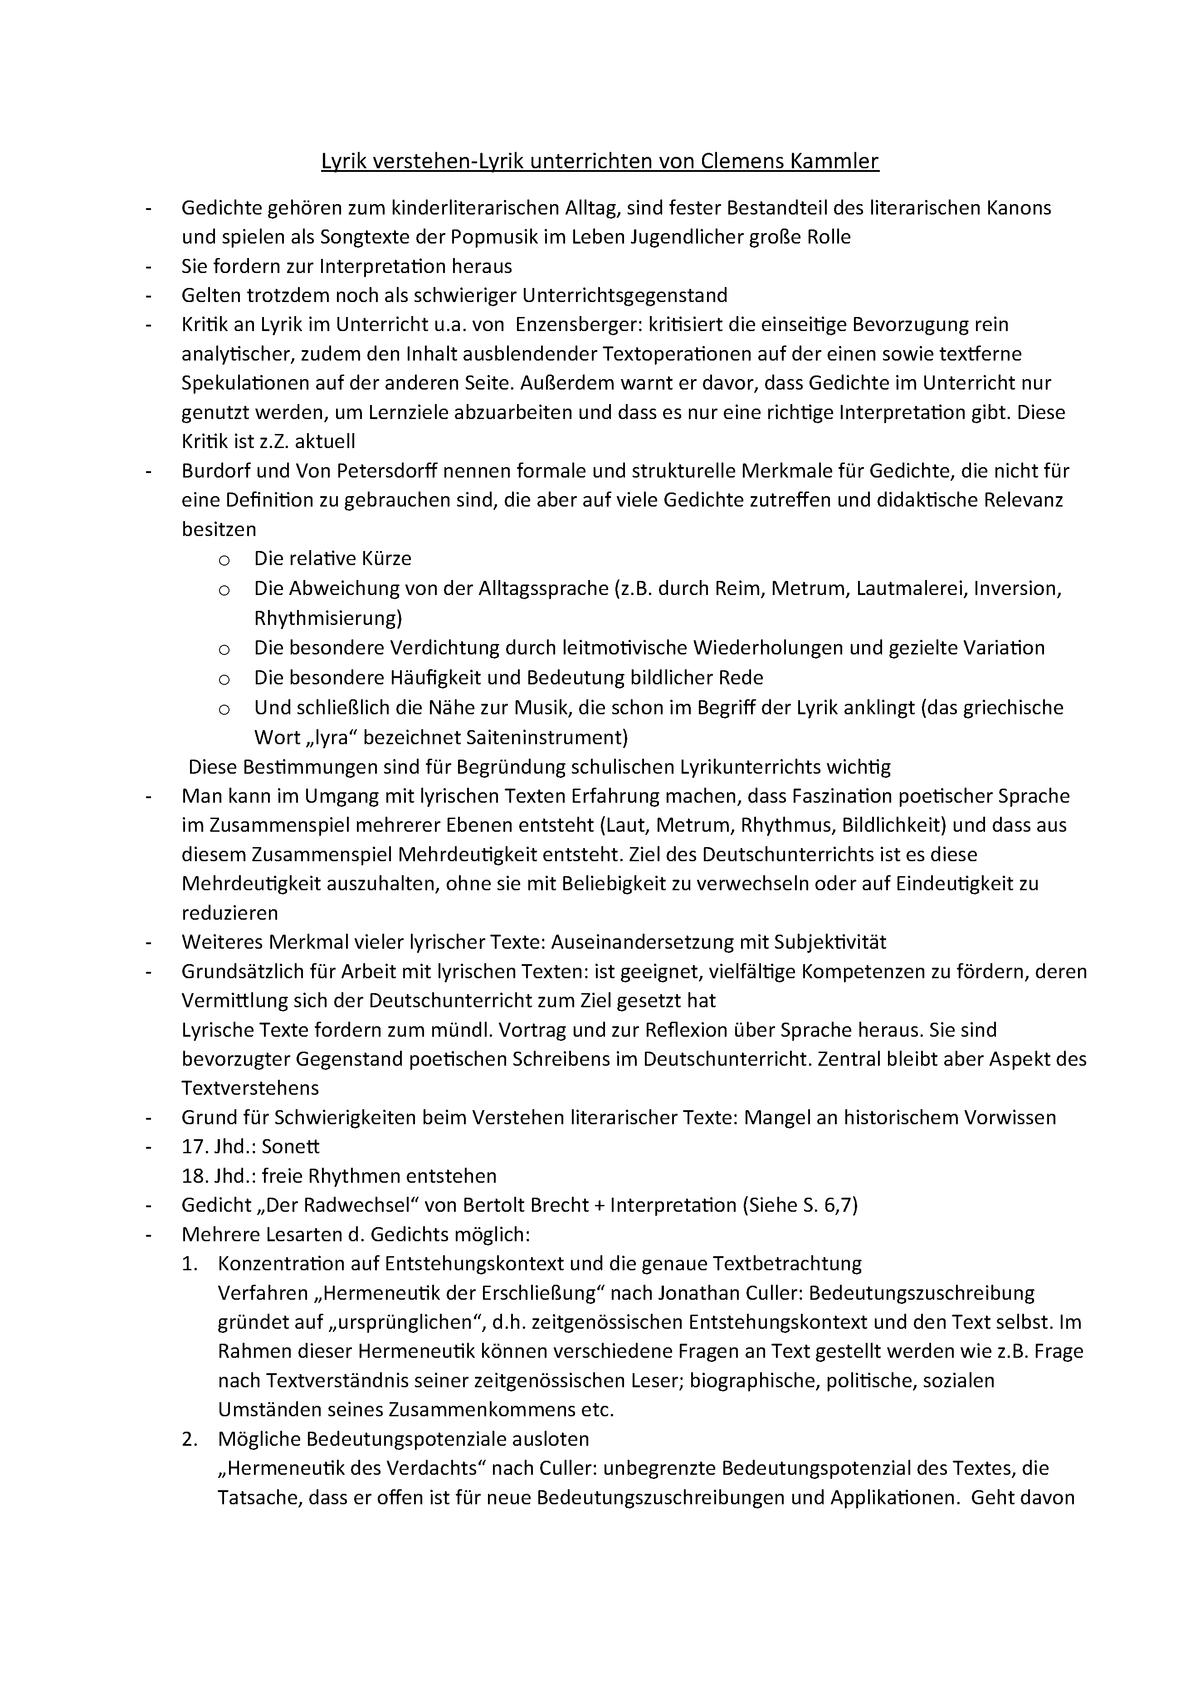 01 Zusammenfassung Text Lyrik Verstehen Lyrik Unterrichten